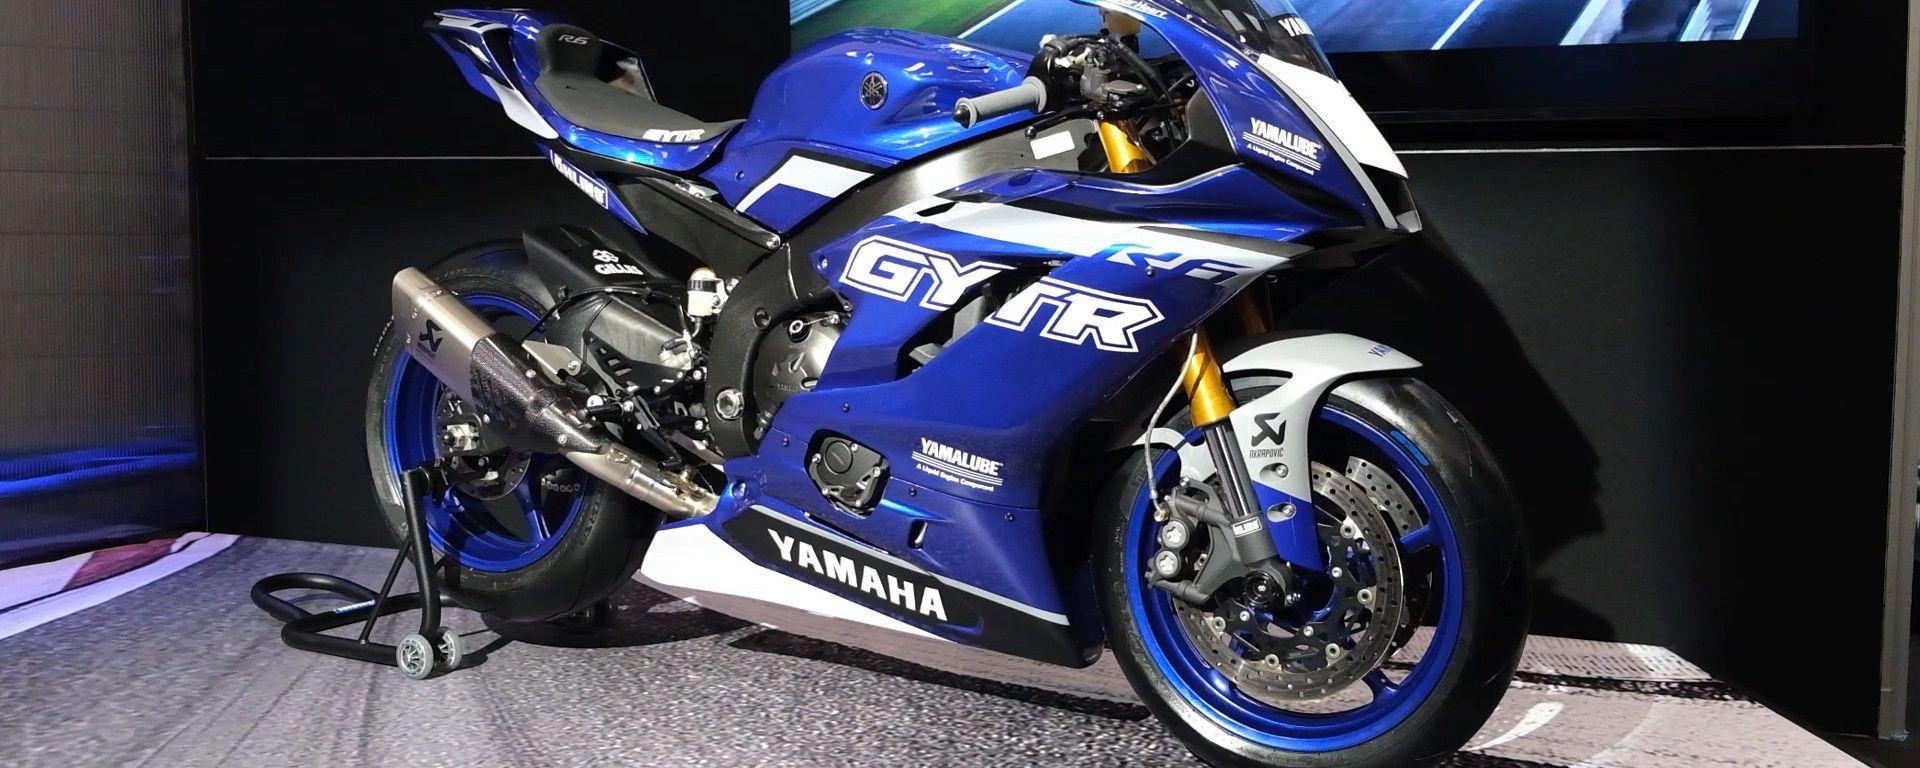 Yamaha YZF-R6 Race: dalla strada alla pista